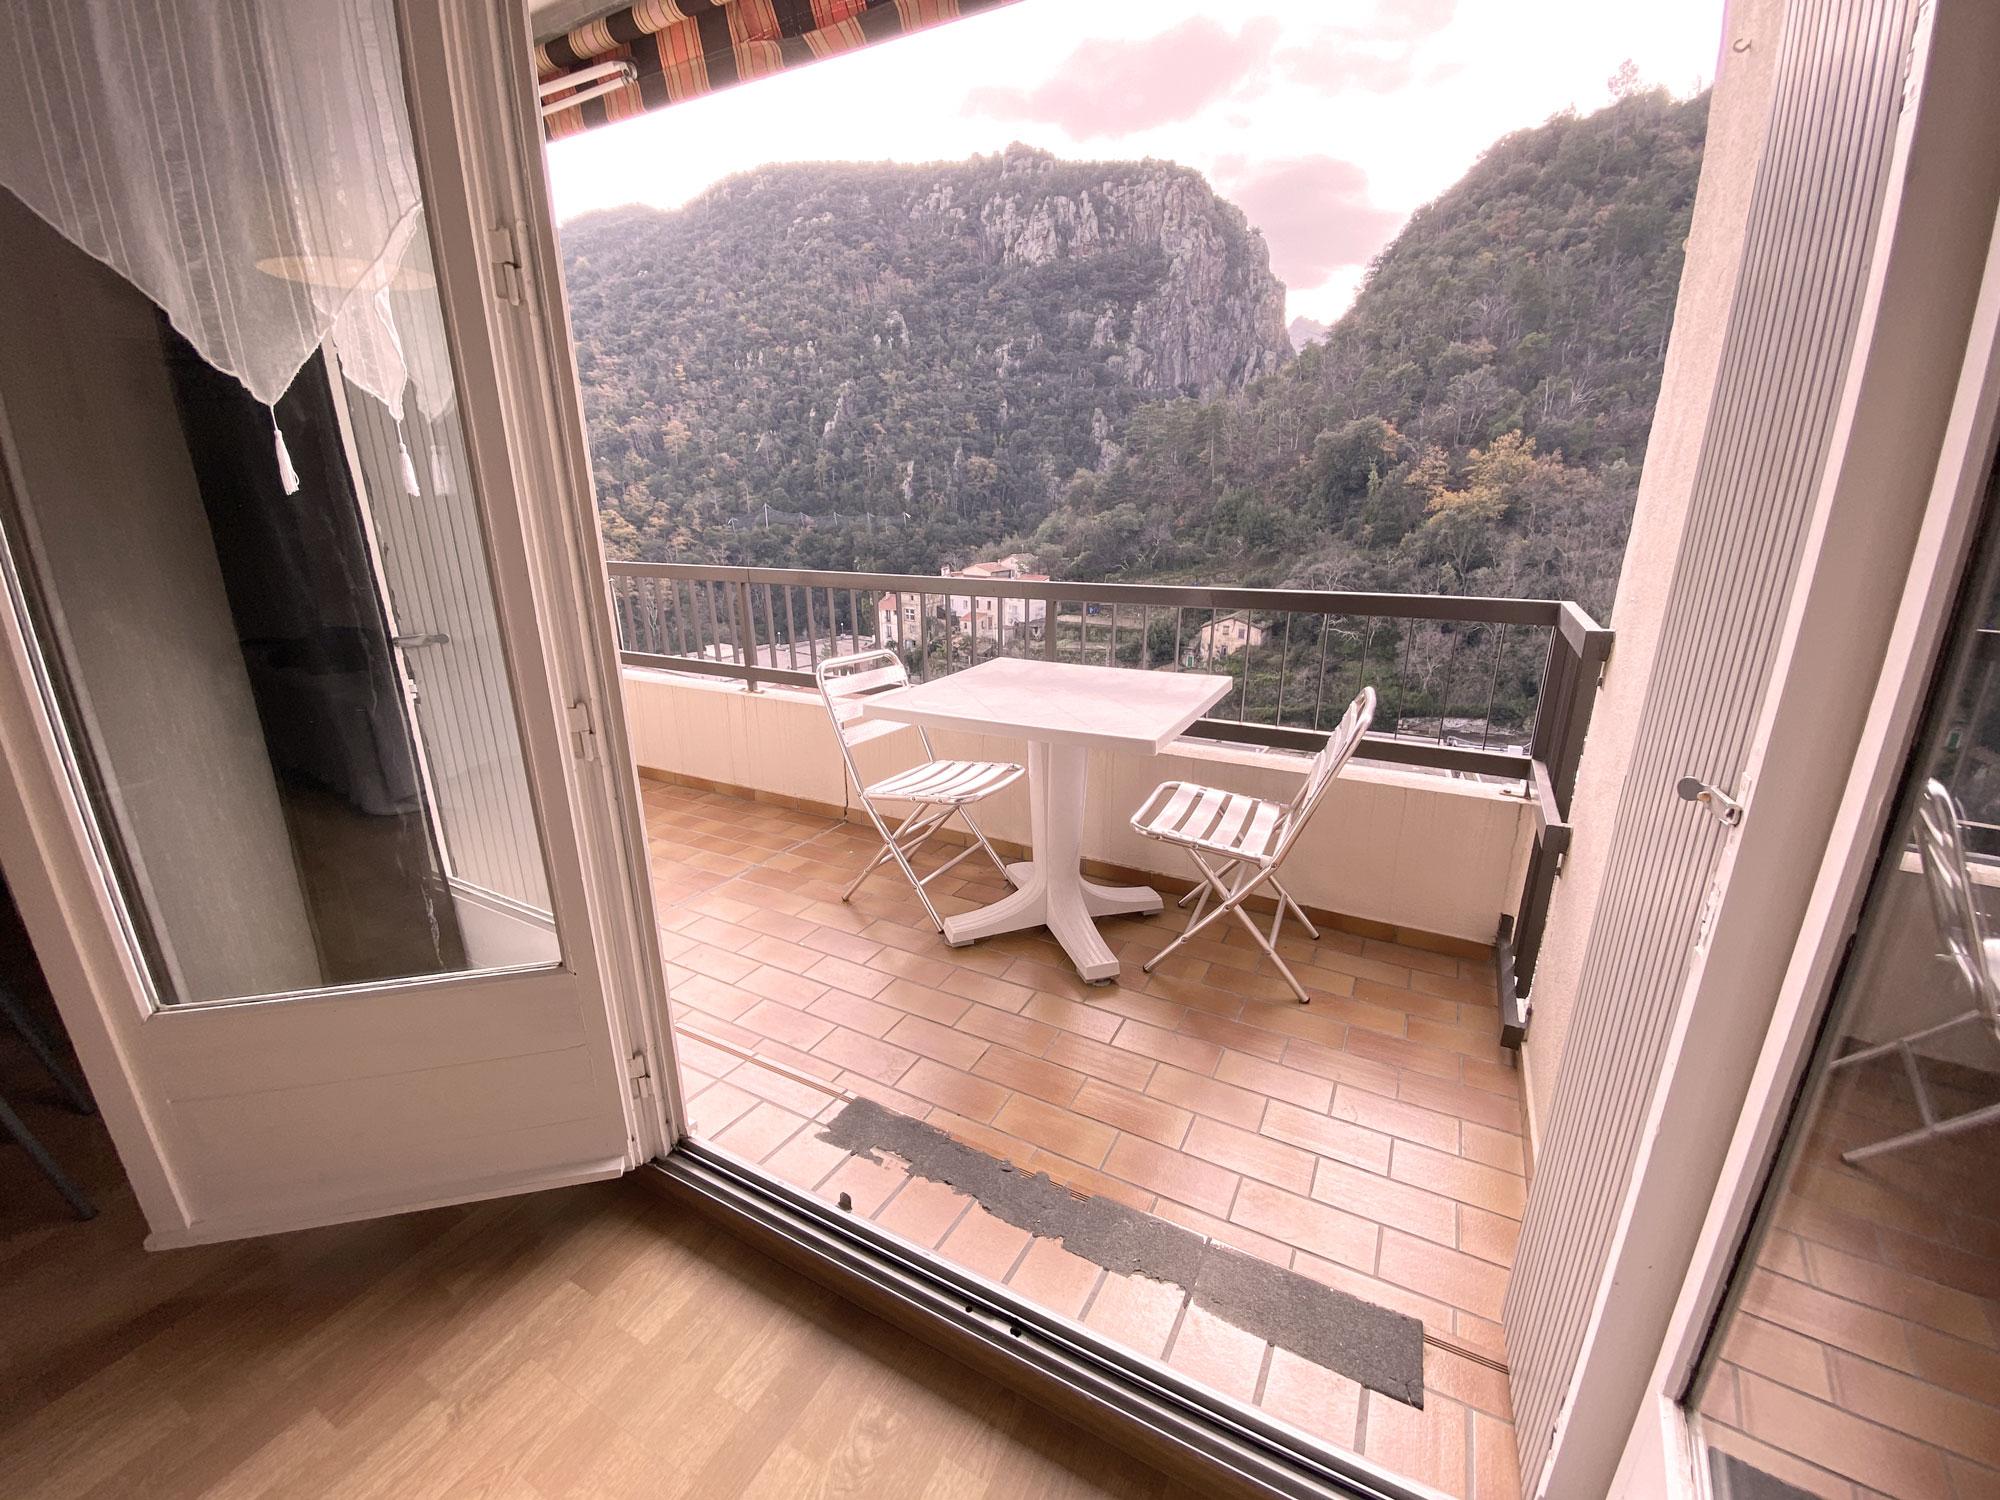 Vue sur le balcon avec table et chaises